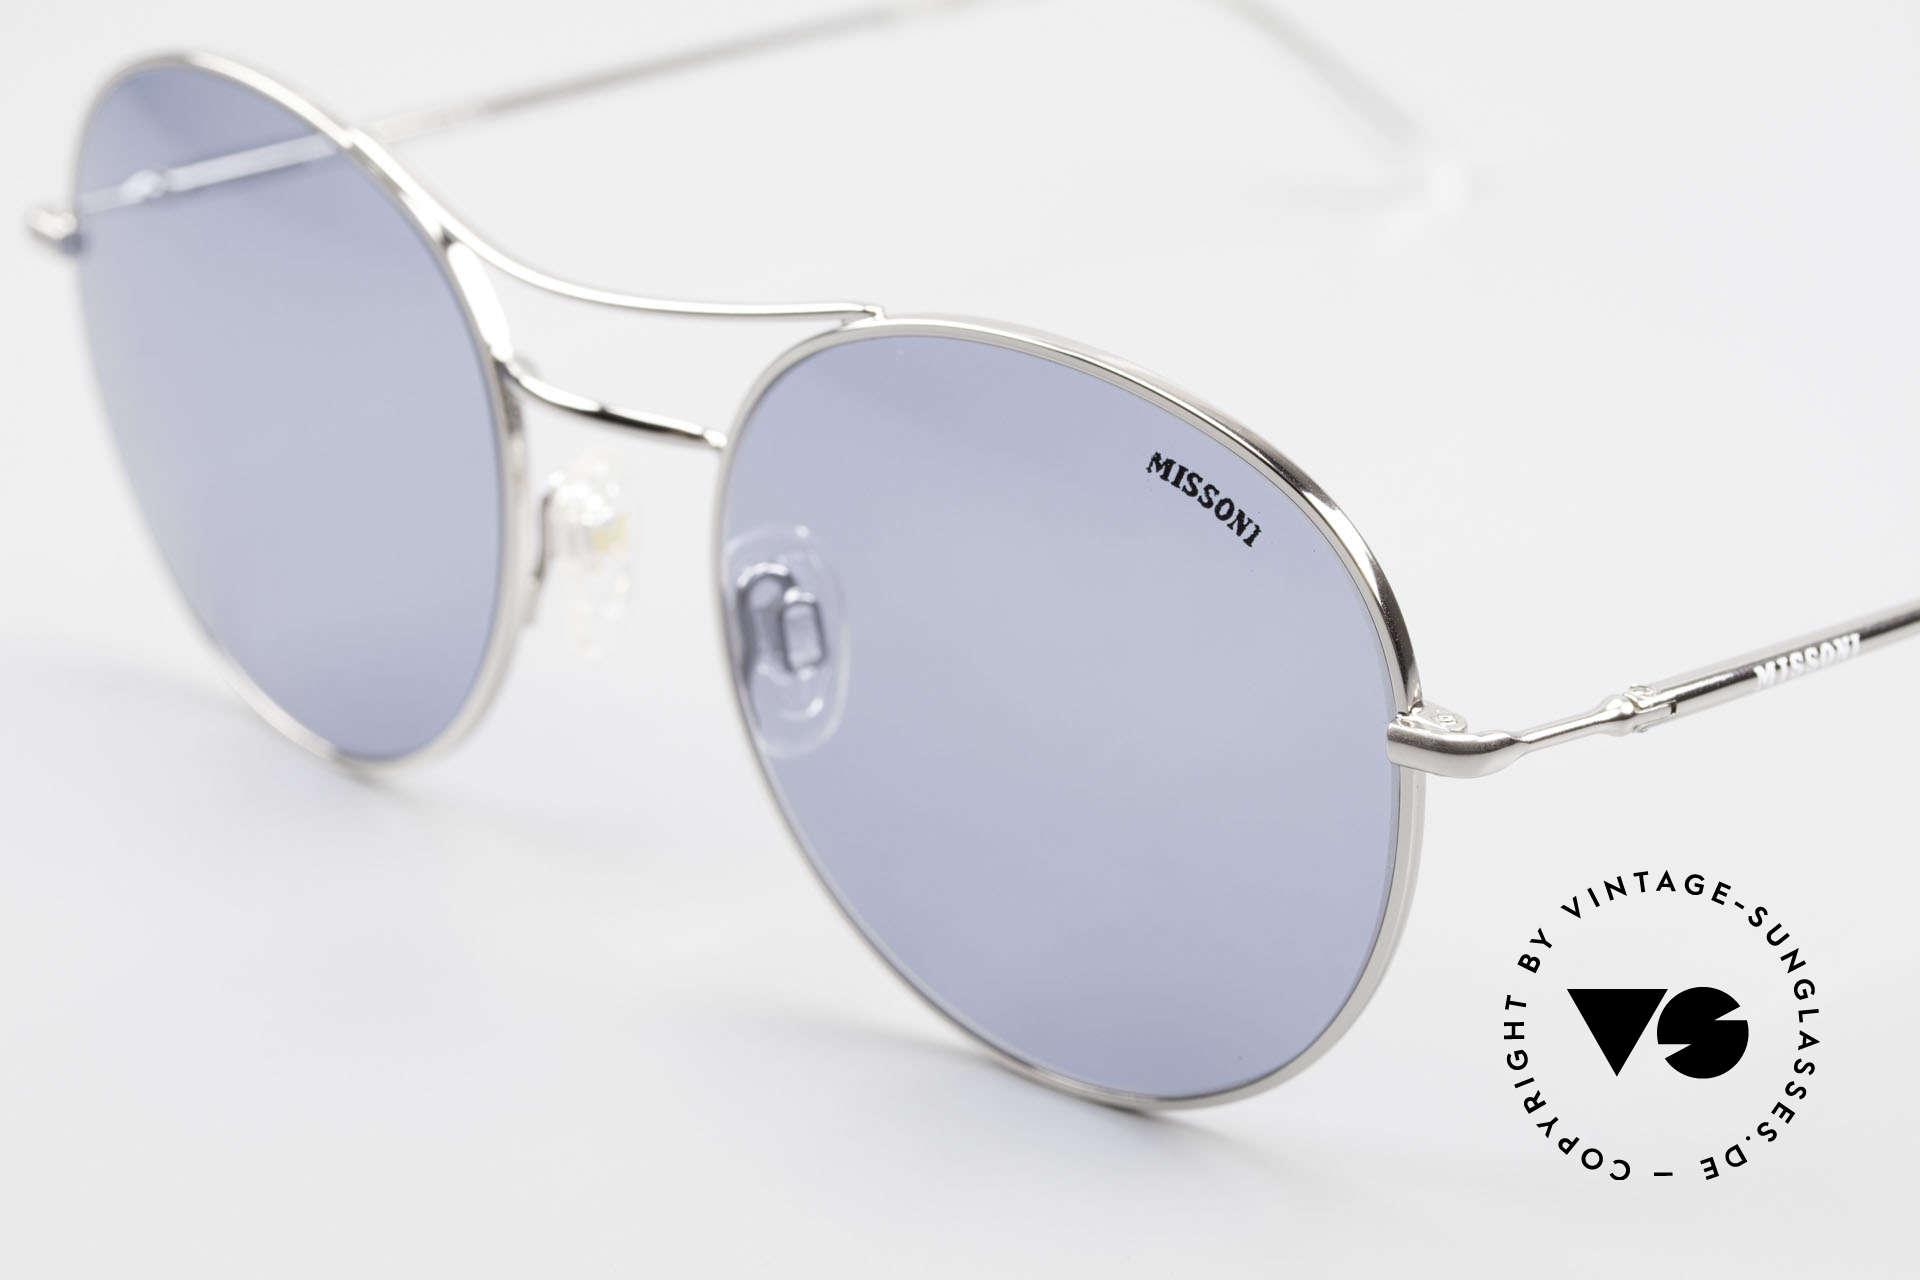 Missoni 0439 Round Aviator Sonnenbrille, blaue Sonnengläser (100% UV) sind ggf. austauschbar, Passend für Herren und Damen